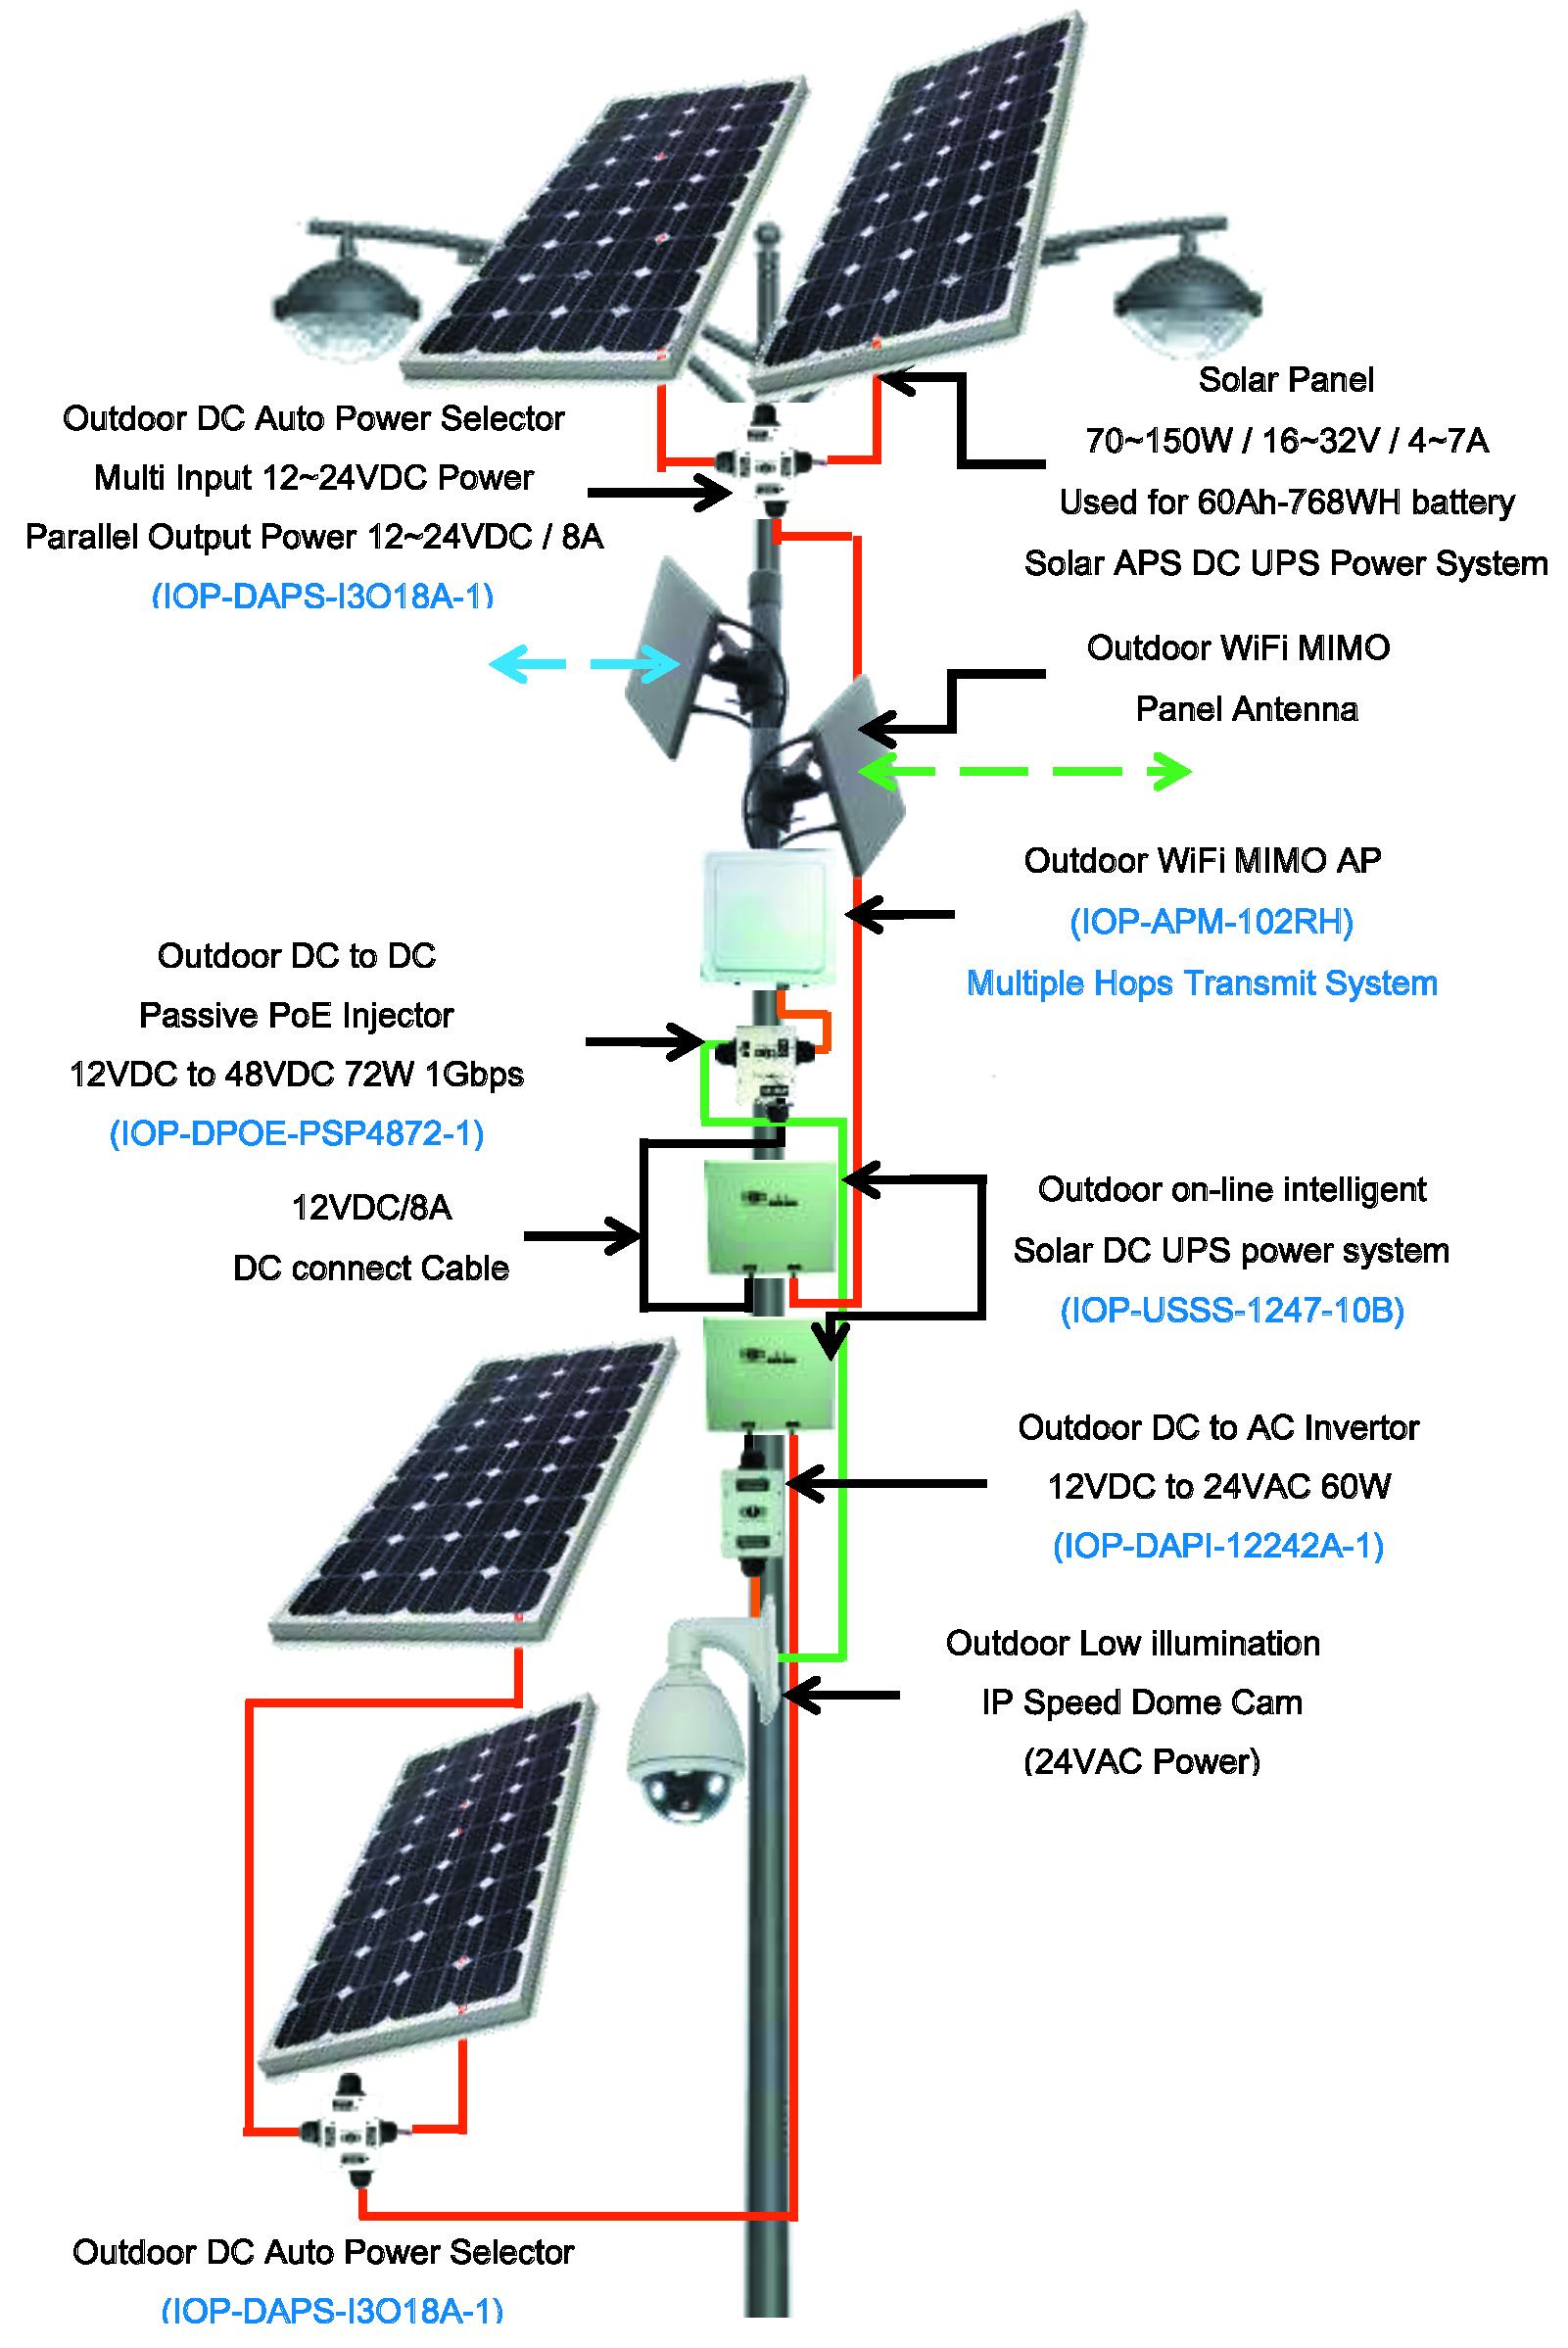 Outdoor Street Lamps Model Online Type & Outdoor DC UPS